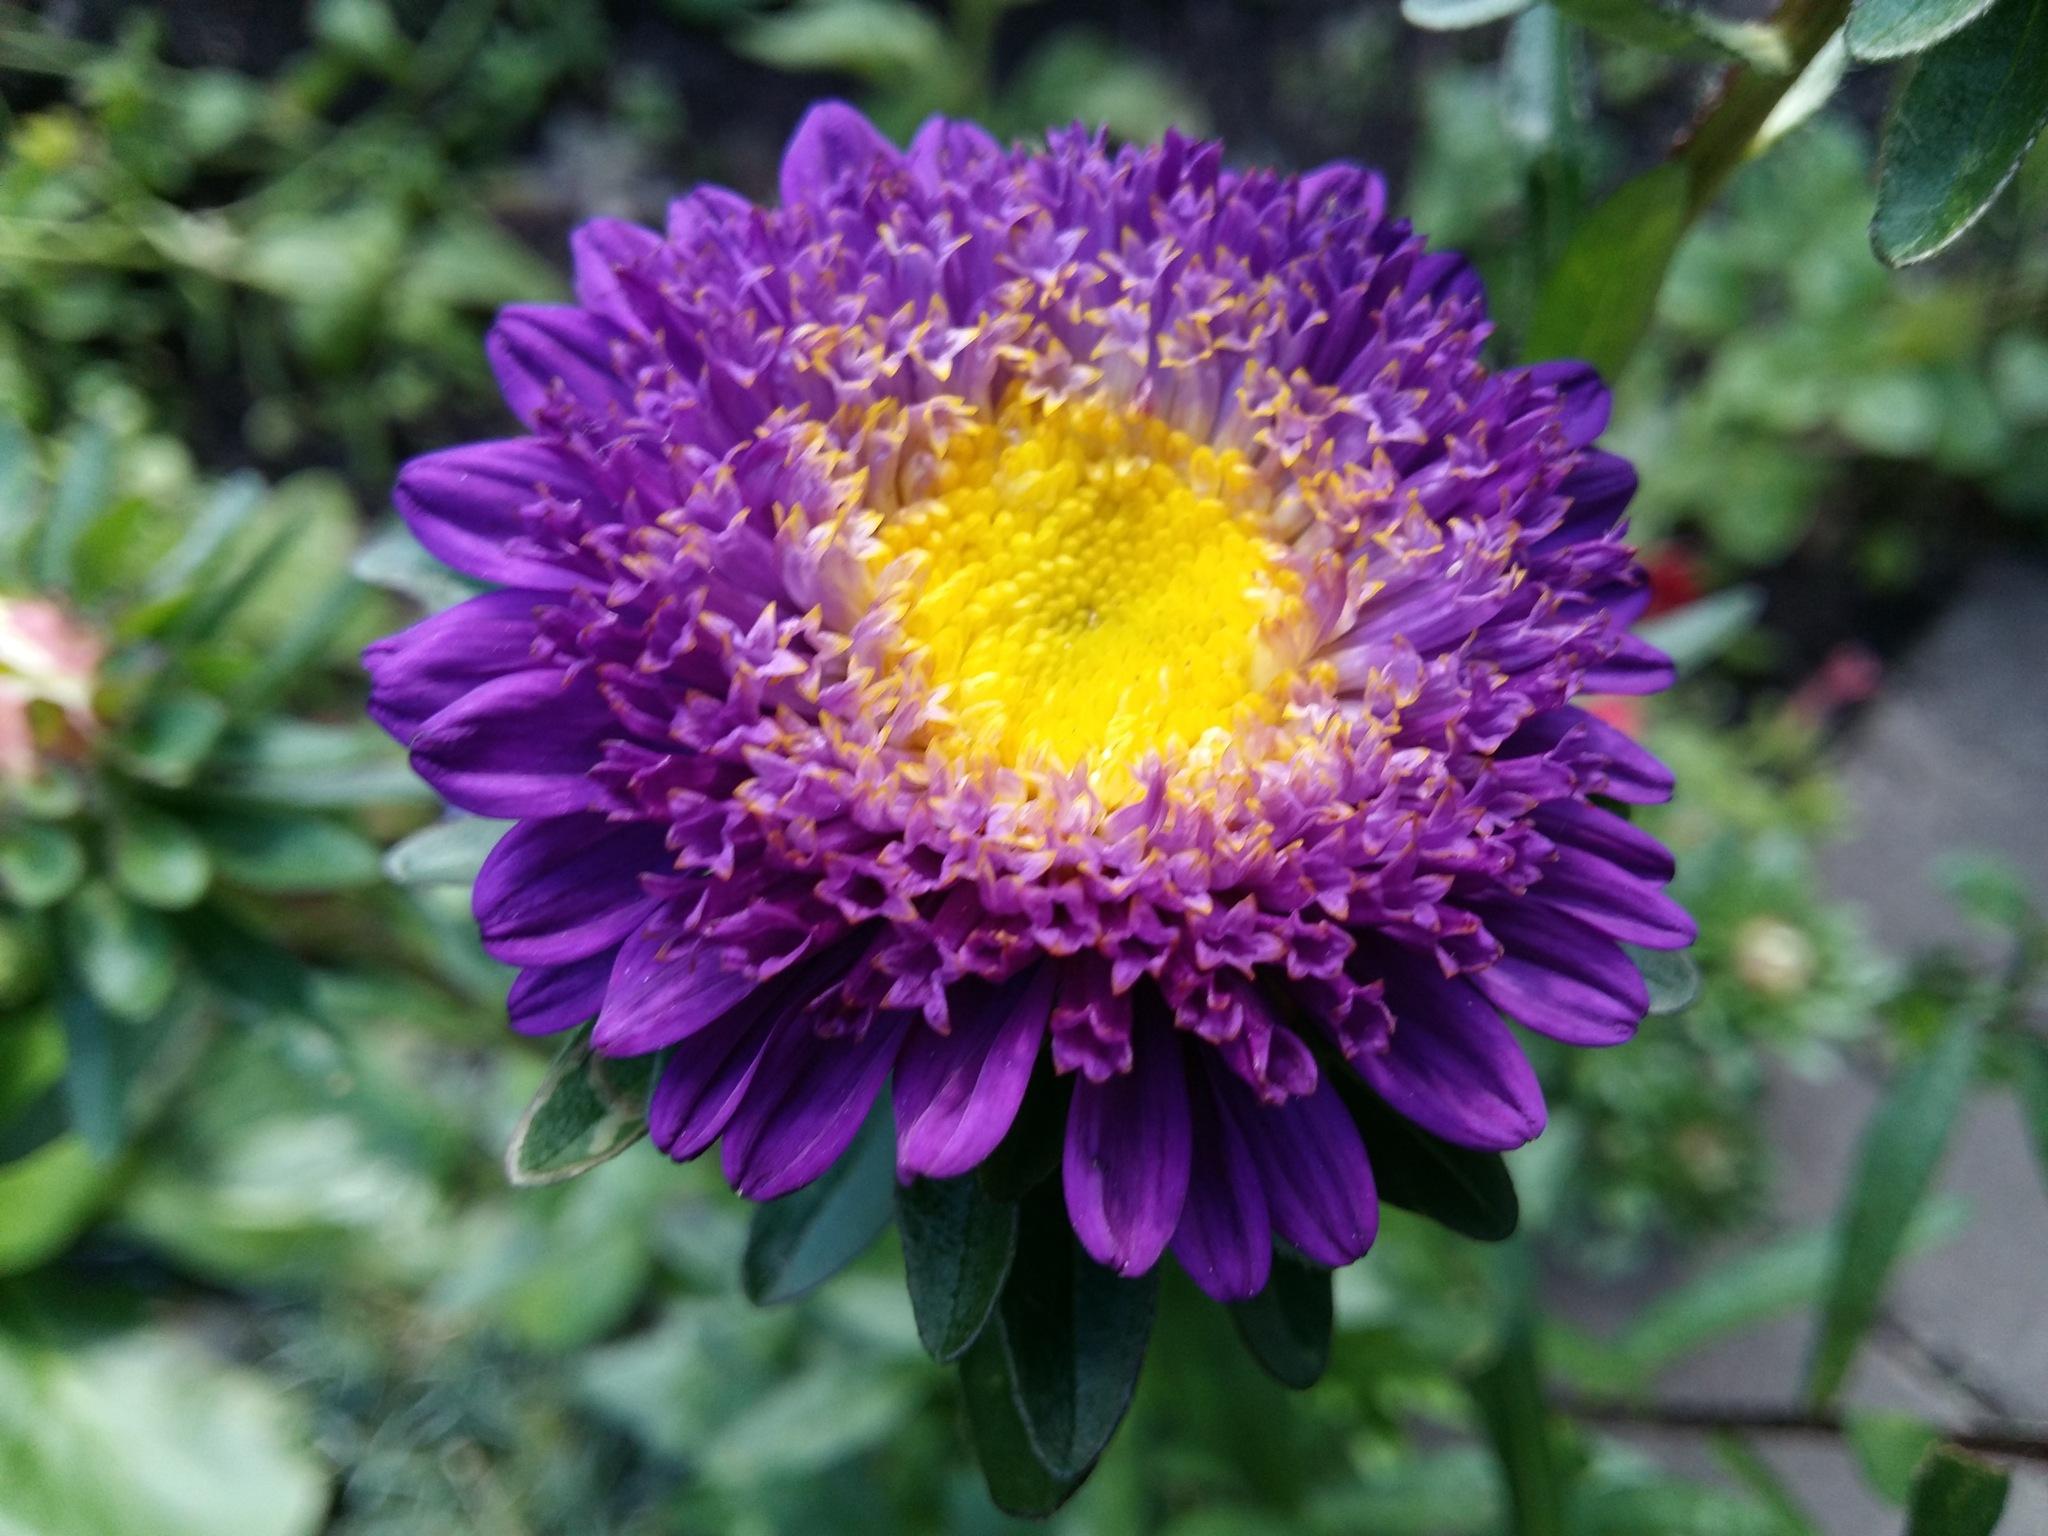 Purple flower by uzkuraitiene62